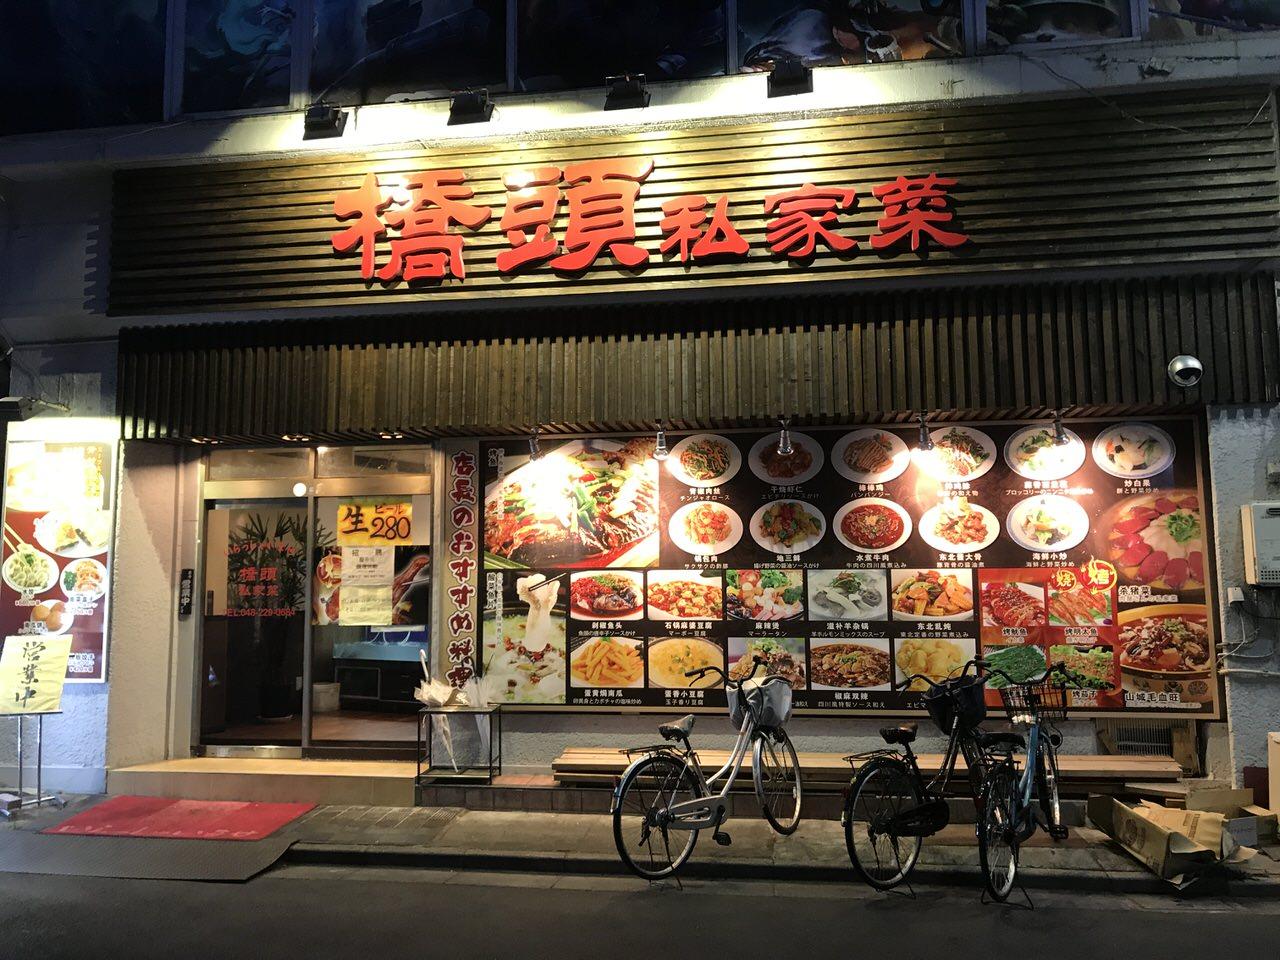 Nishikawaguchi 4900